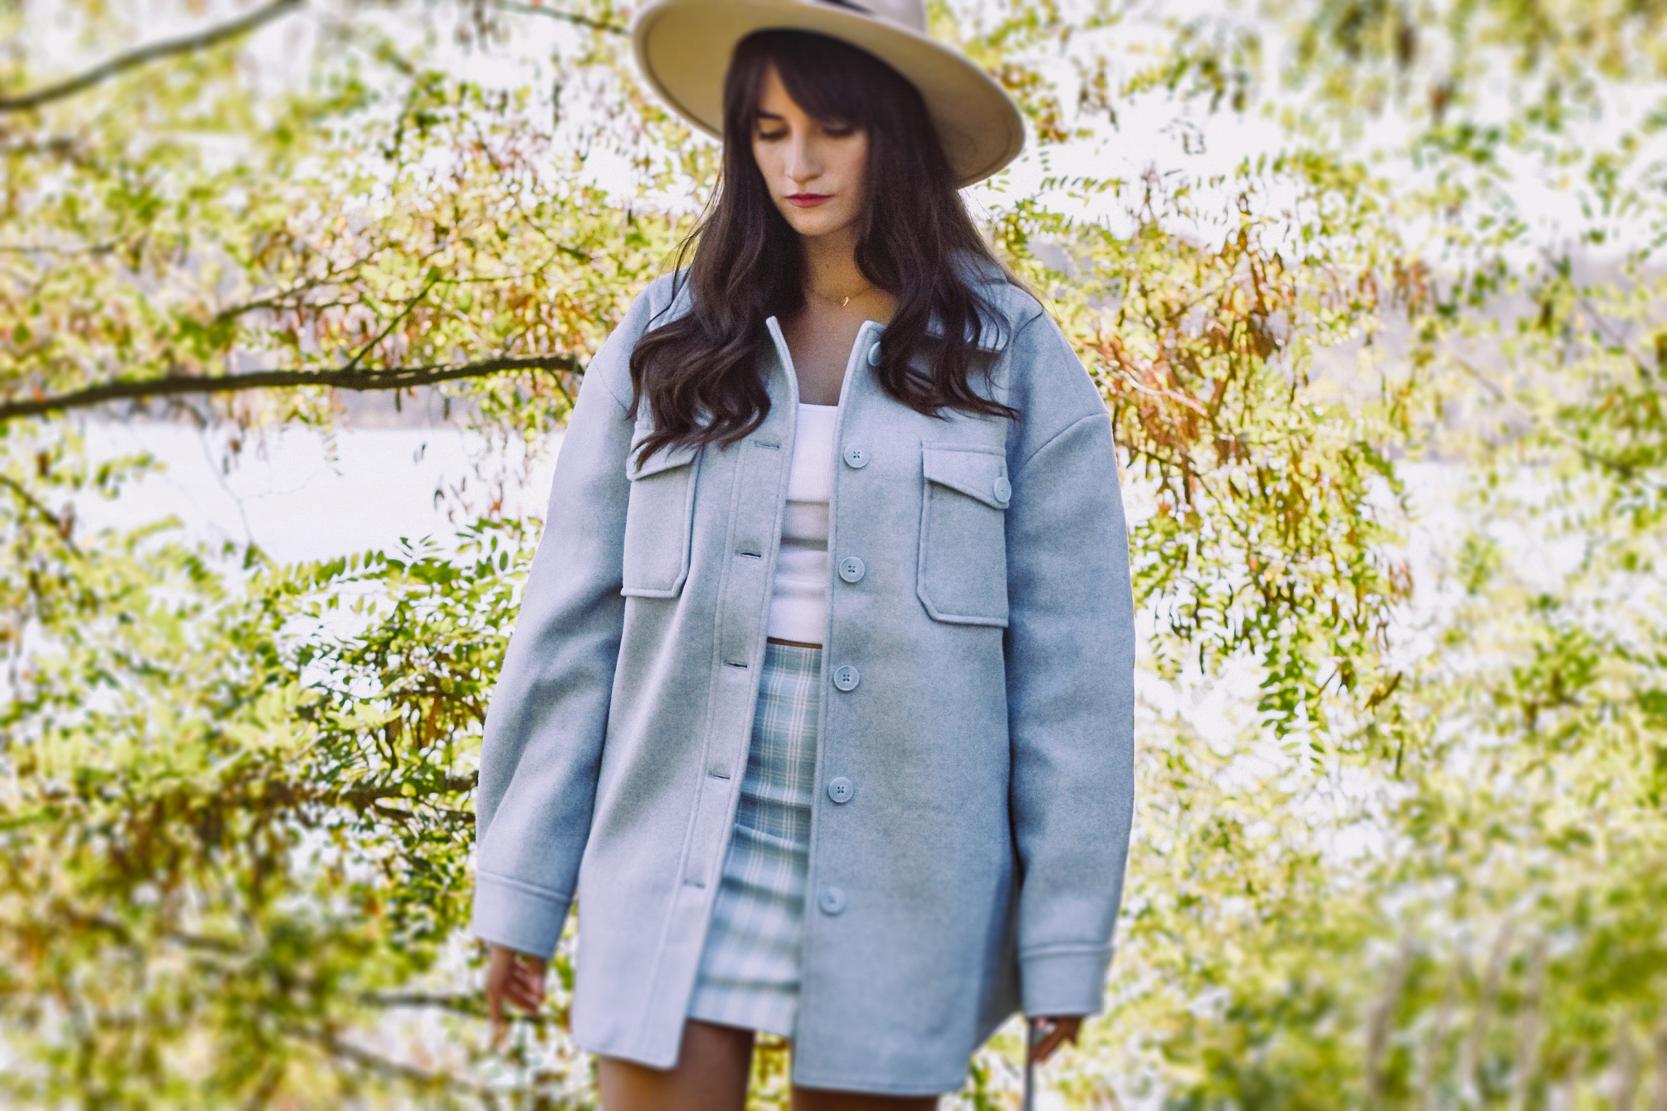 Niebieska kurtka koszulowa damska jak nosić? Kod rabatowy NAKD Lounge